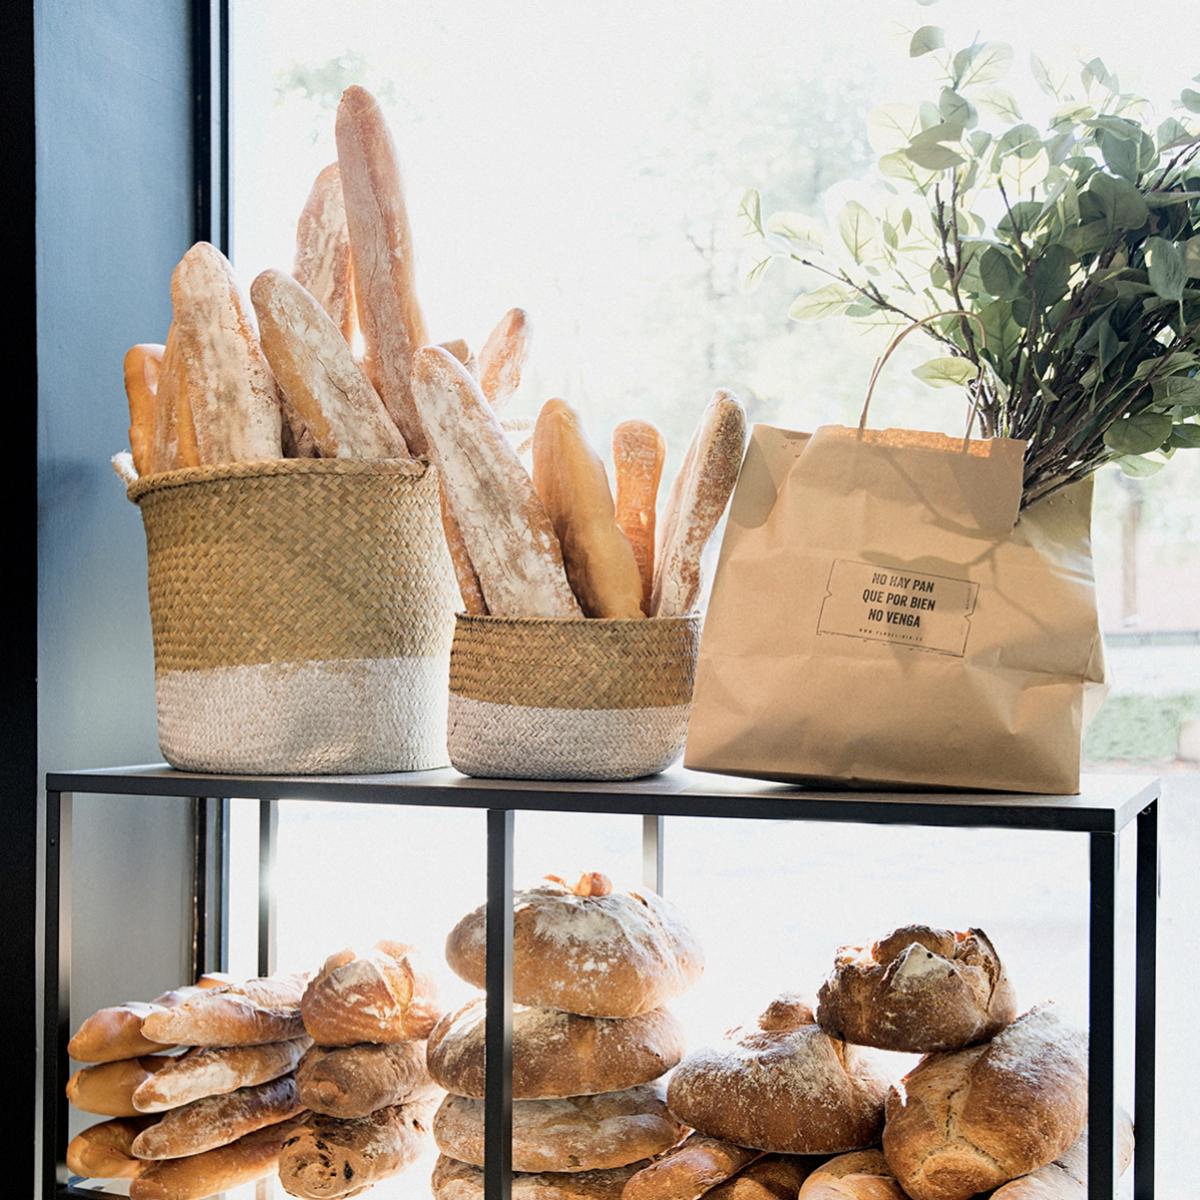 Tenemos que leer la etiqueta del pan que compramos.